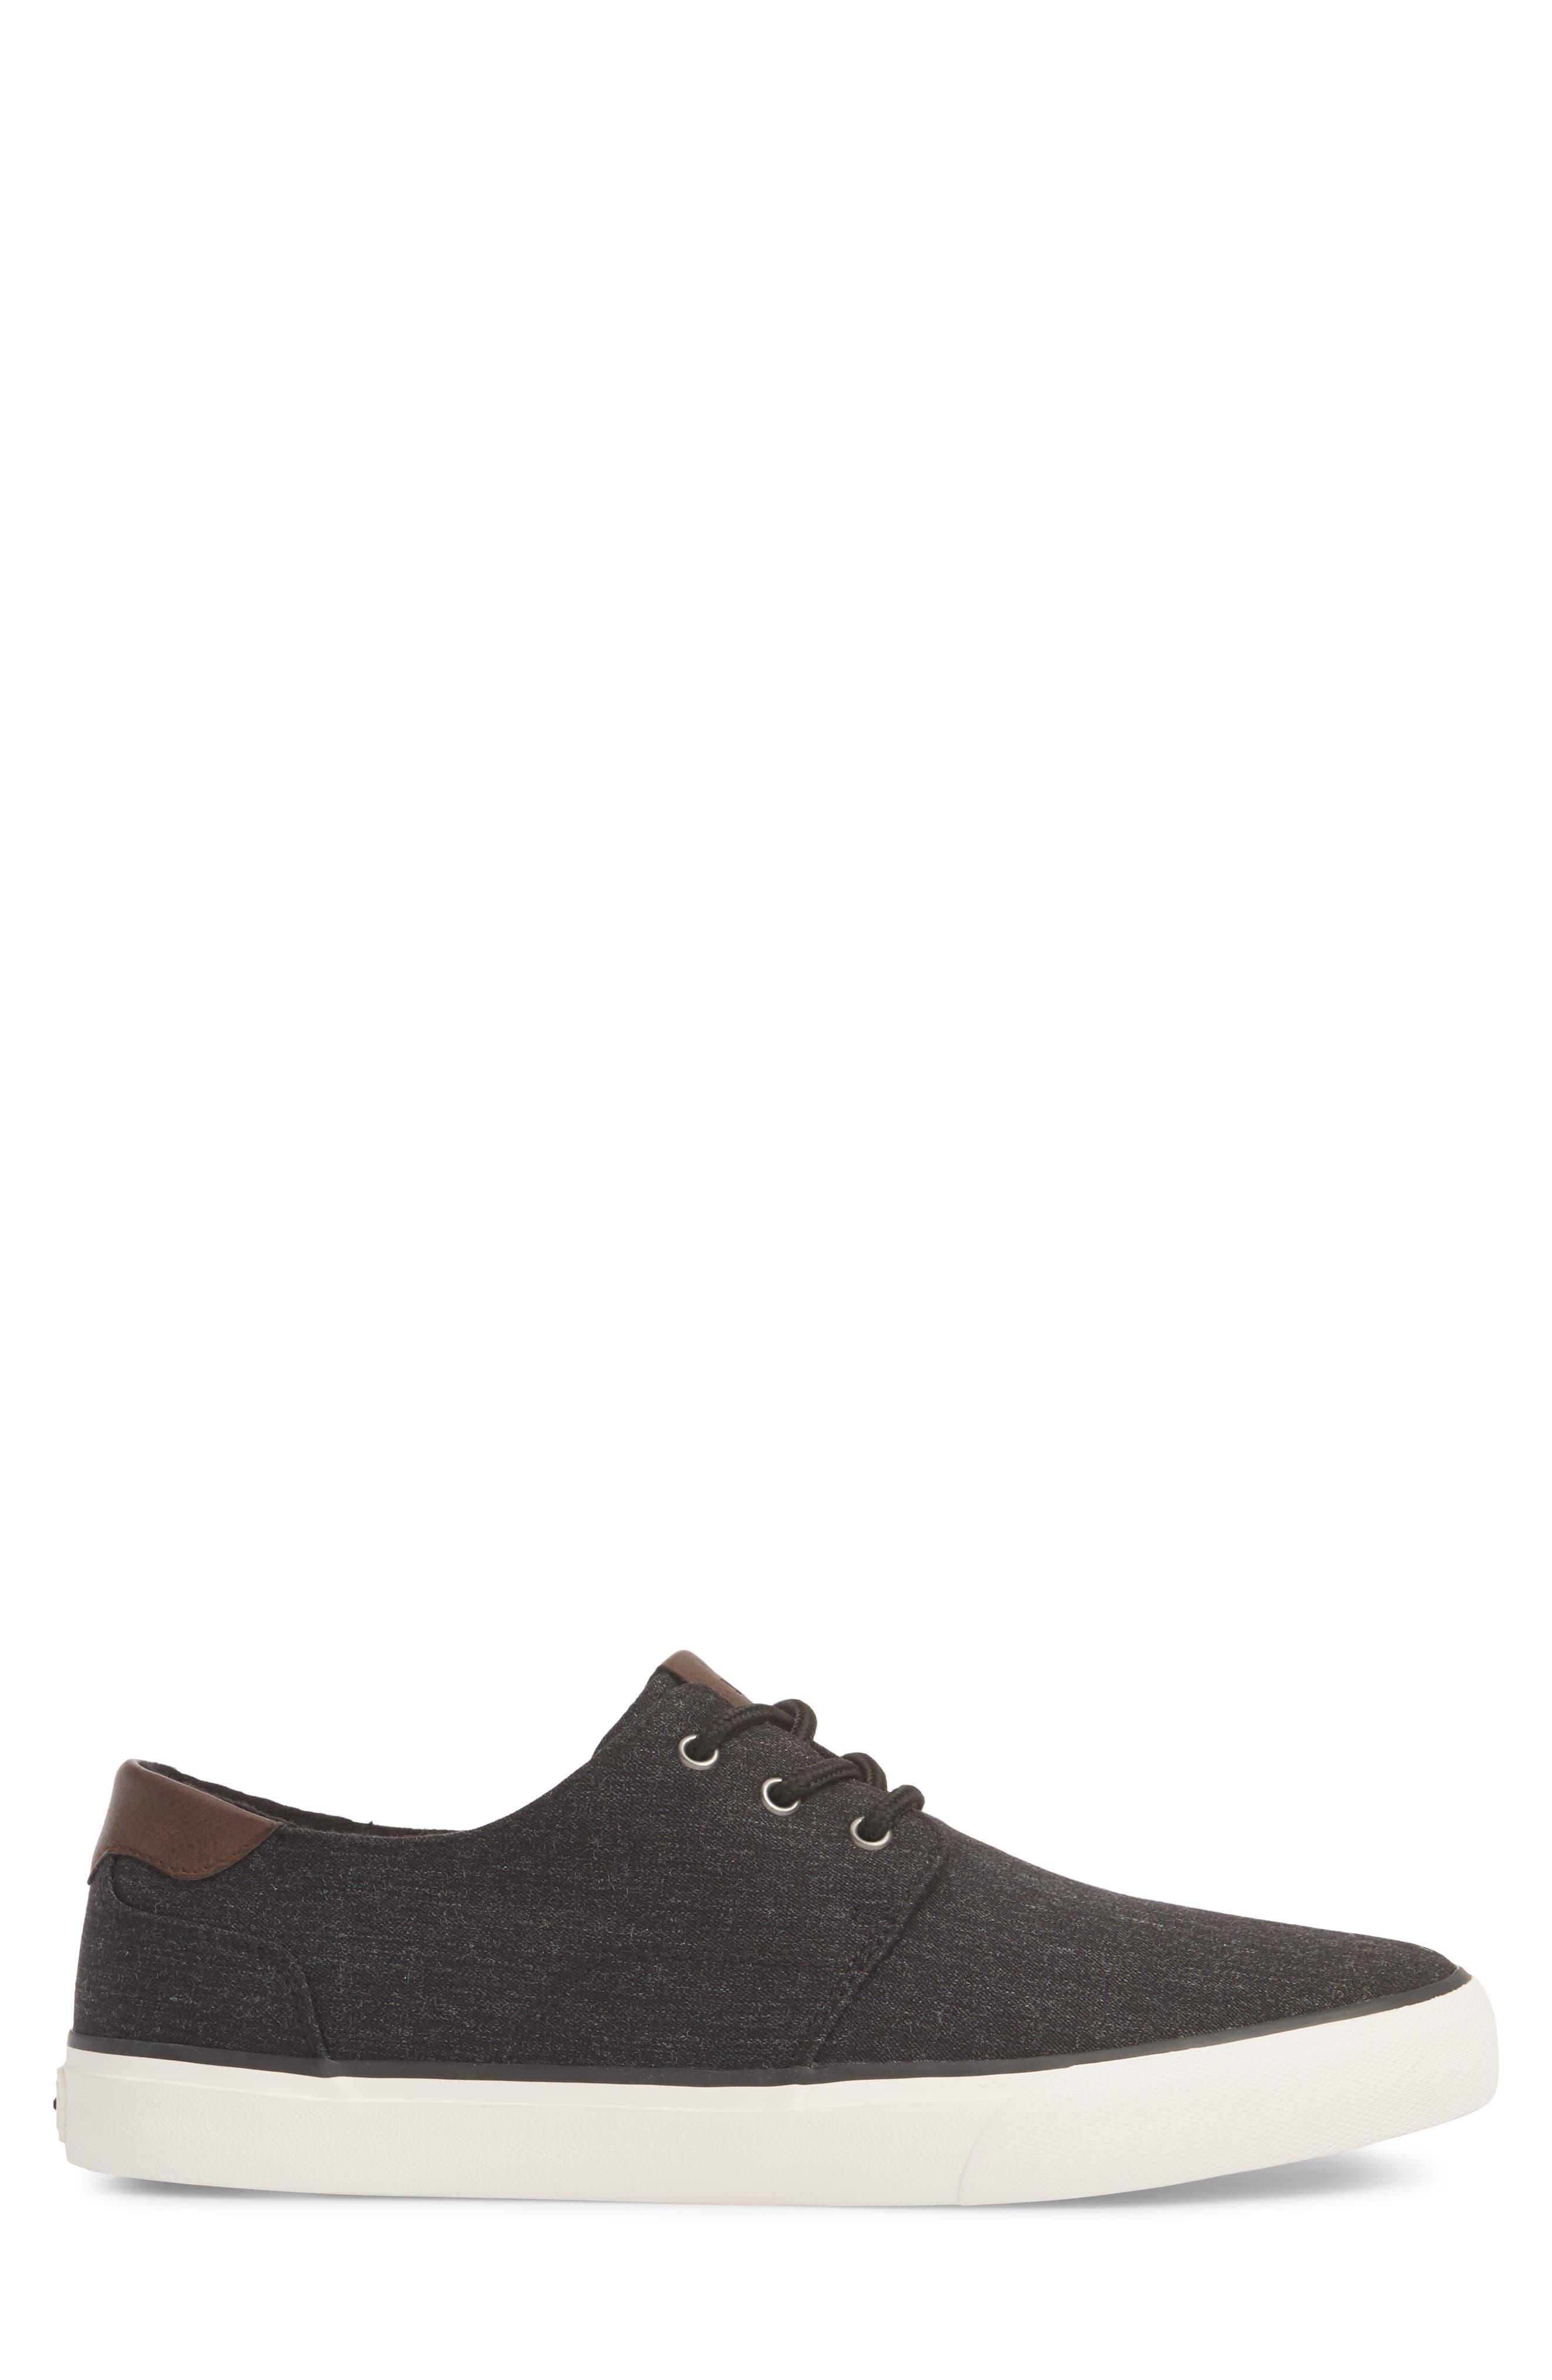 Briggs Low Top Sneaker,                             Alternate thumbnail 3, color,                             001